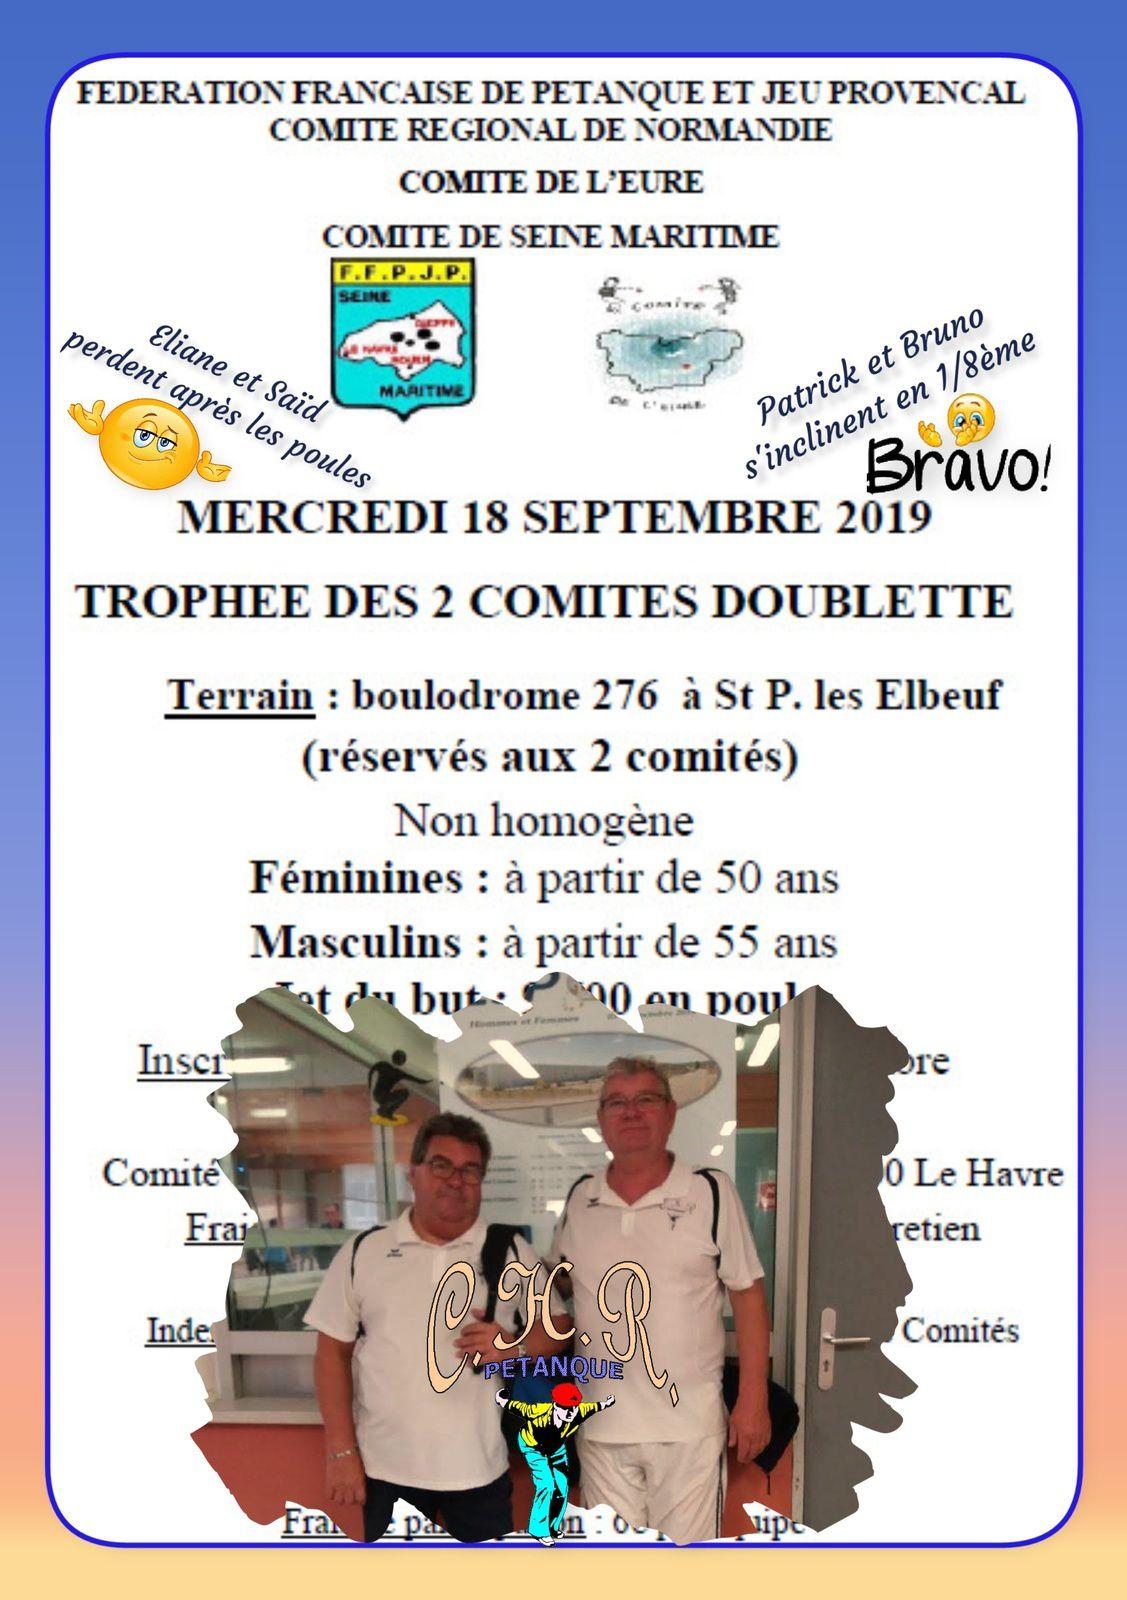 Trophée des 2 comités doublette vétérans à St Pierre